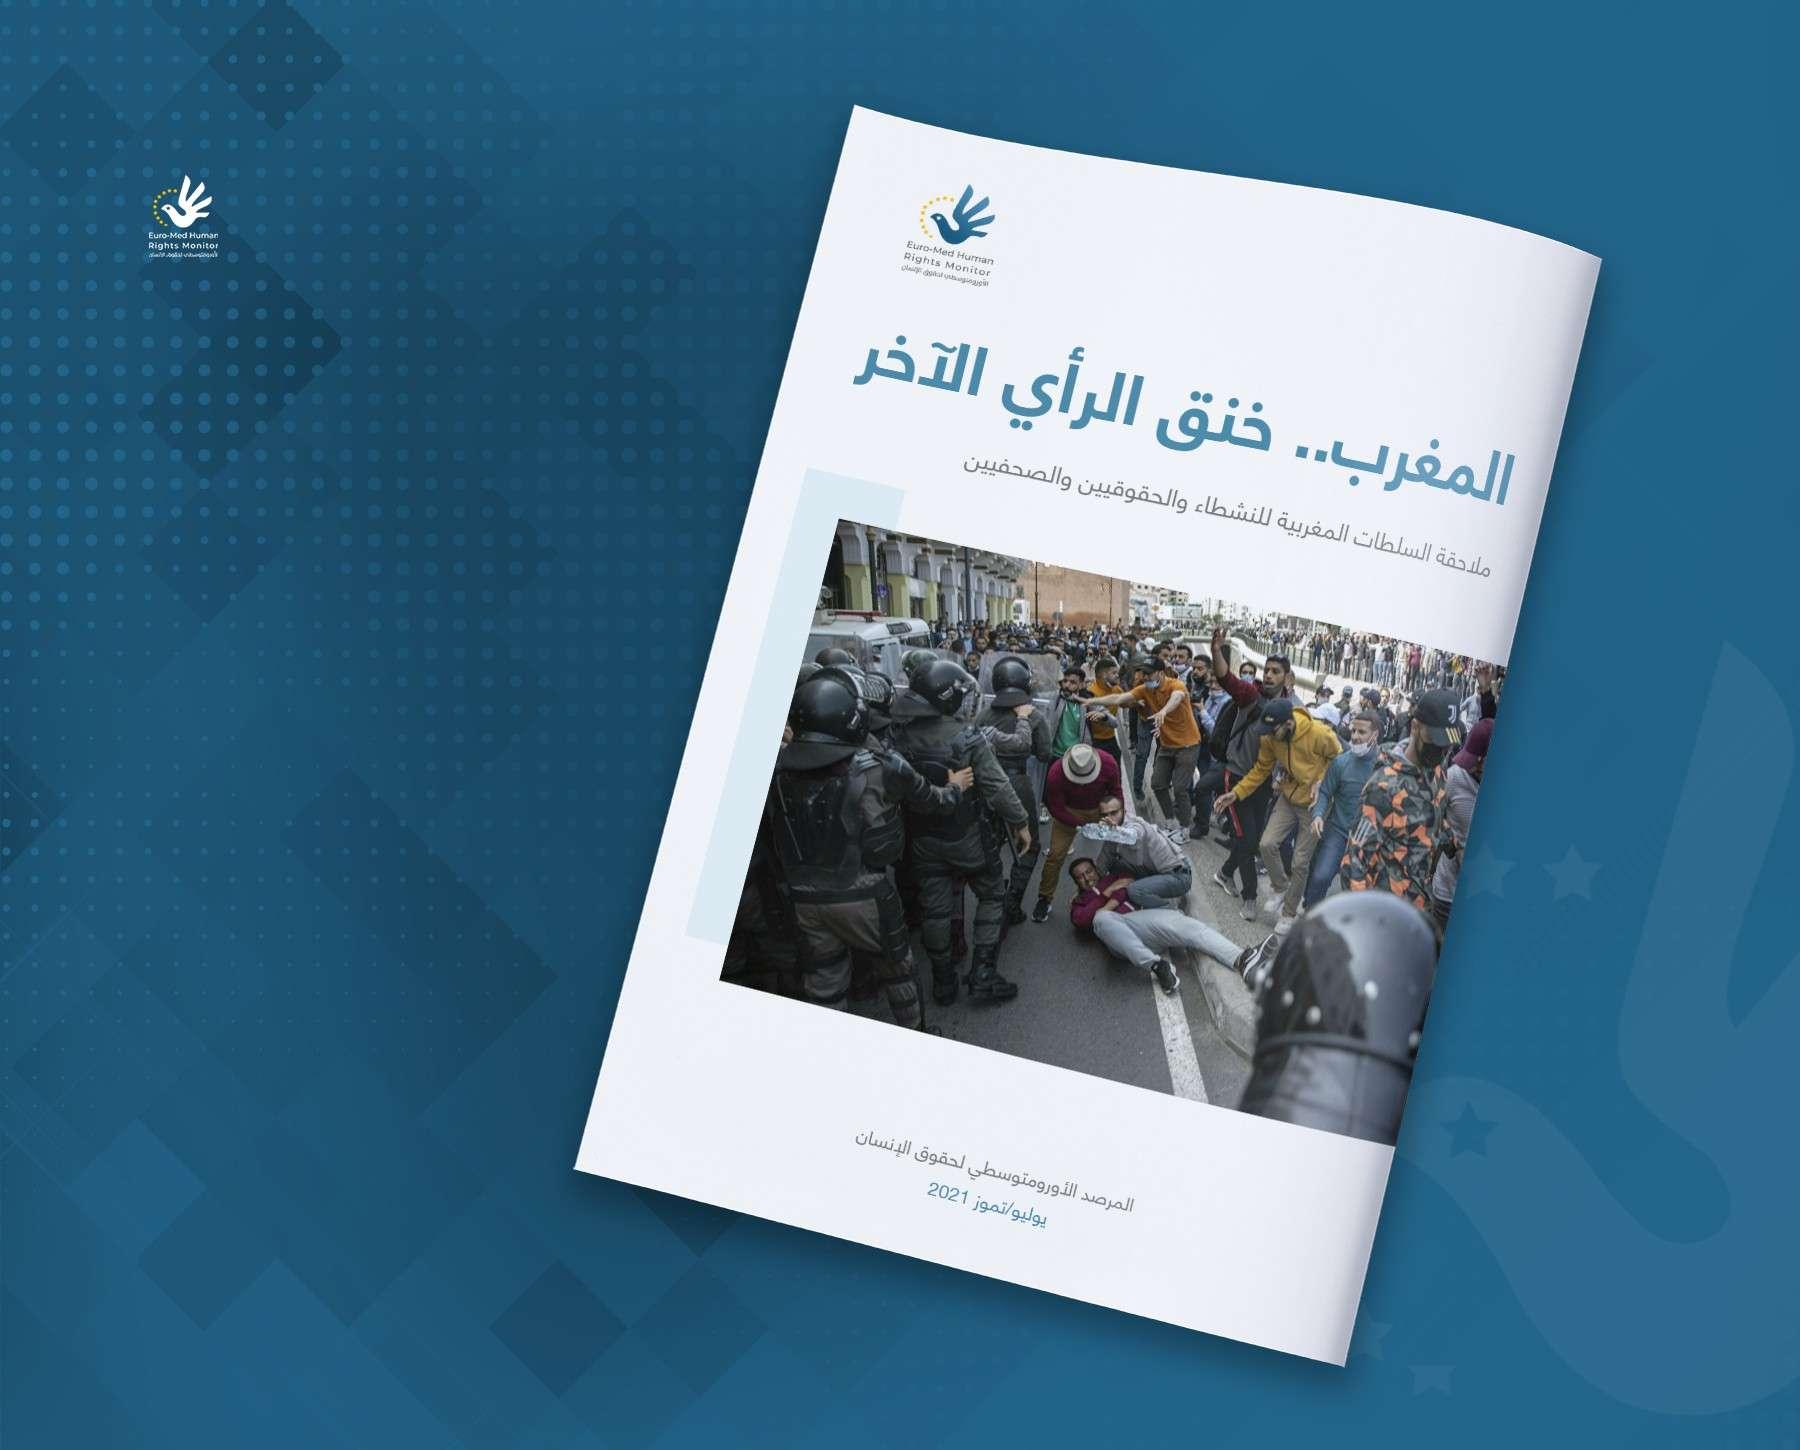 تقرير جديد.. السلطات المغربية تضيّق الخناق على الصحفيين والنشطاء